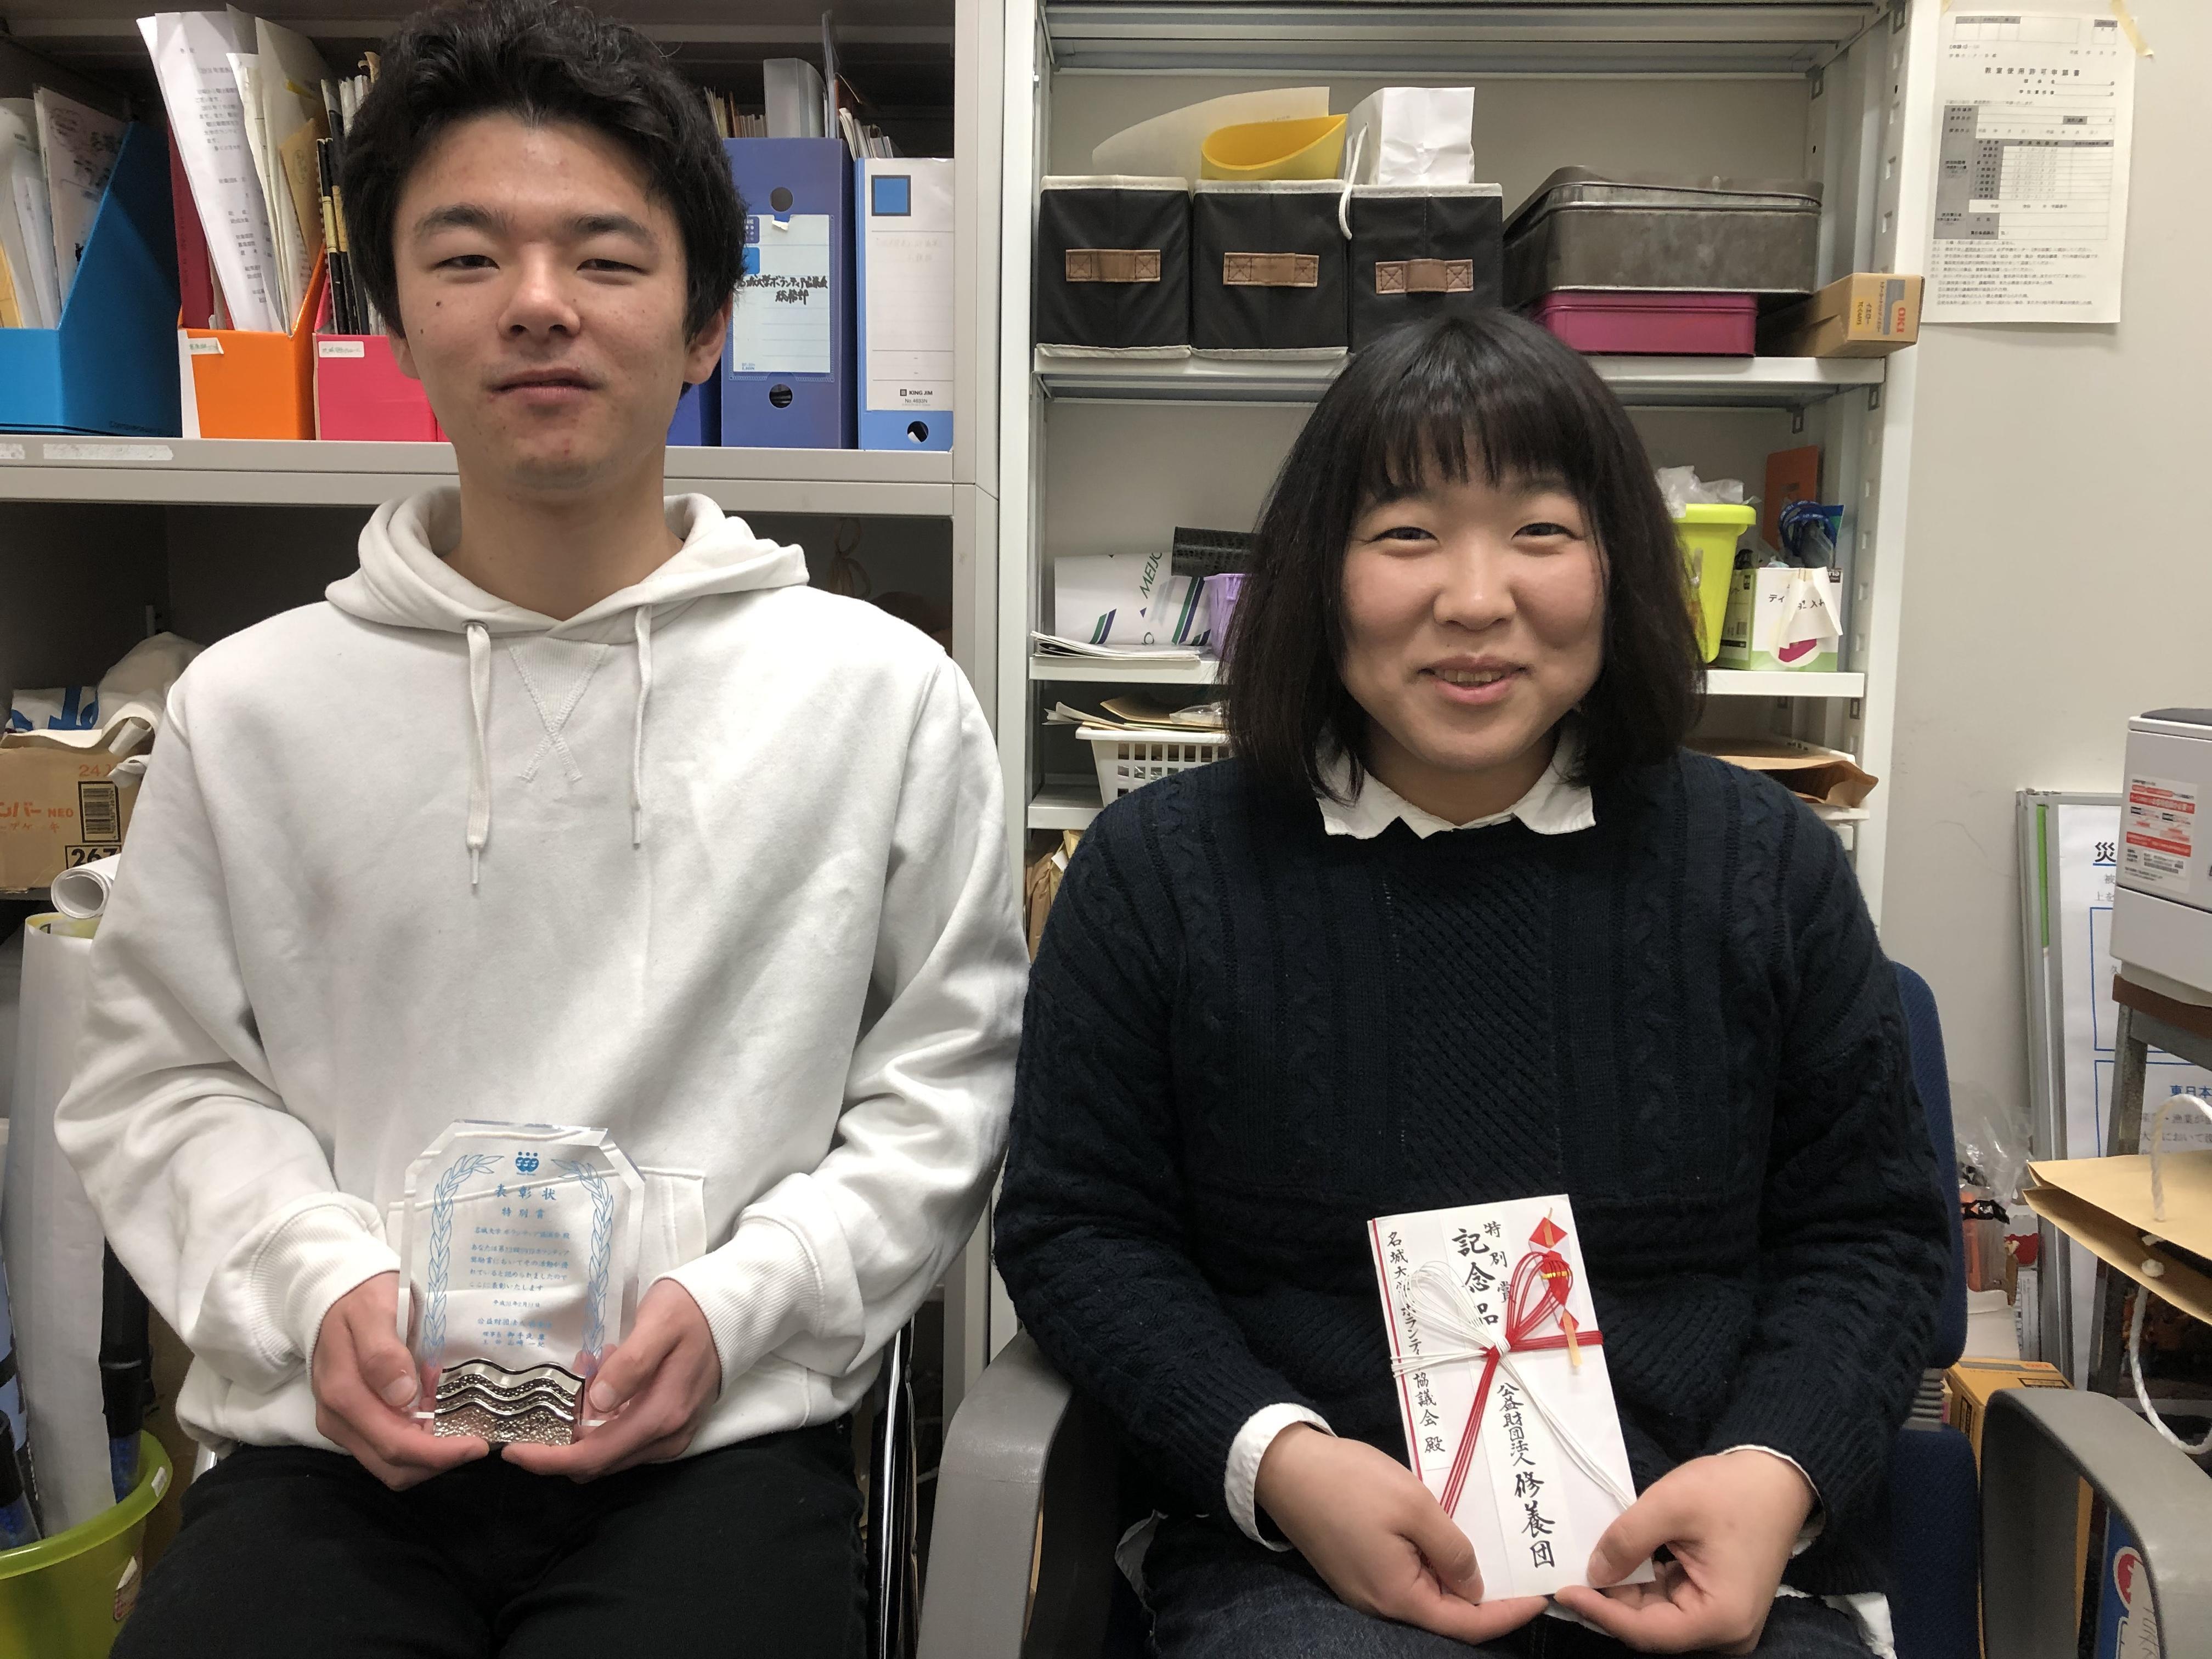 表彰を受けた井本さん(左)と柳さん